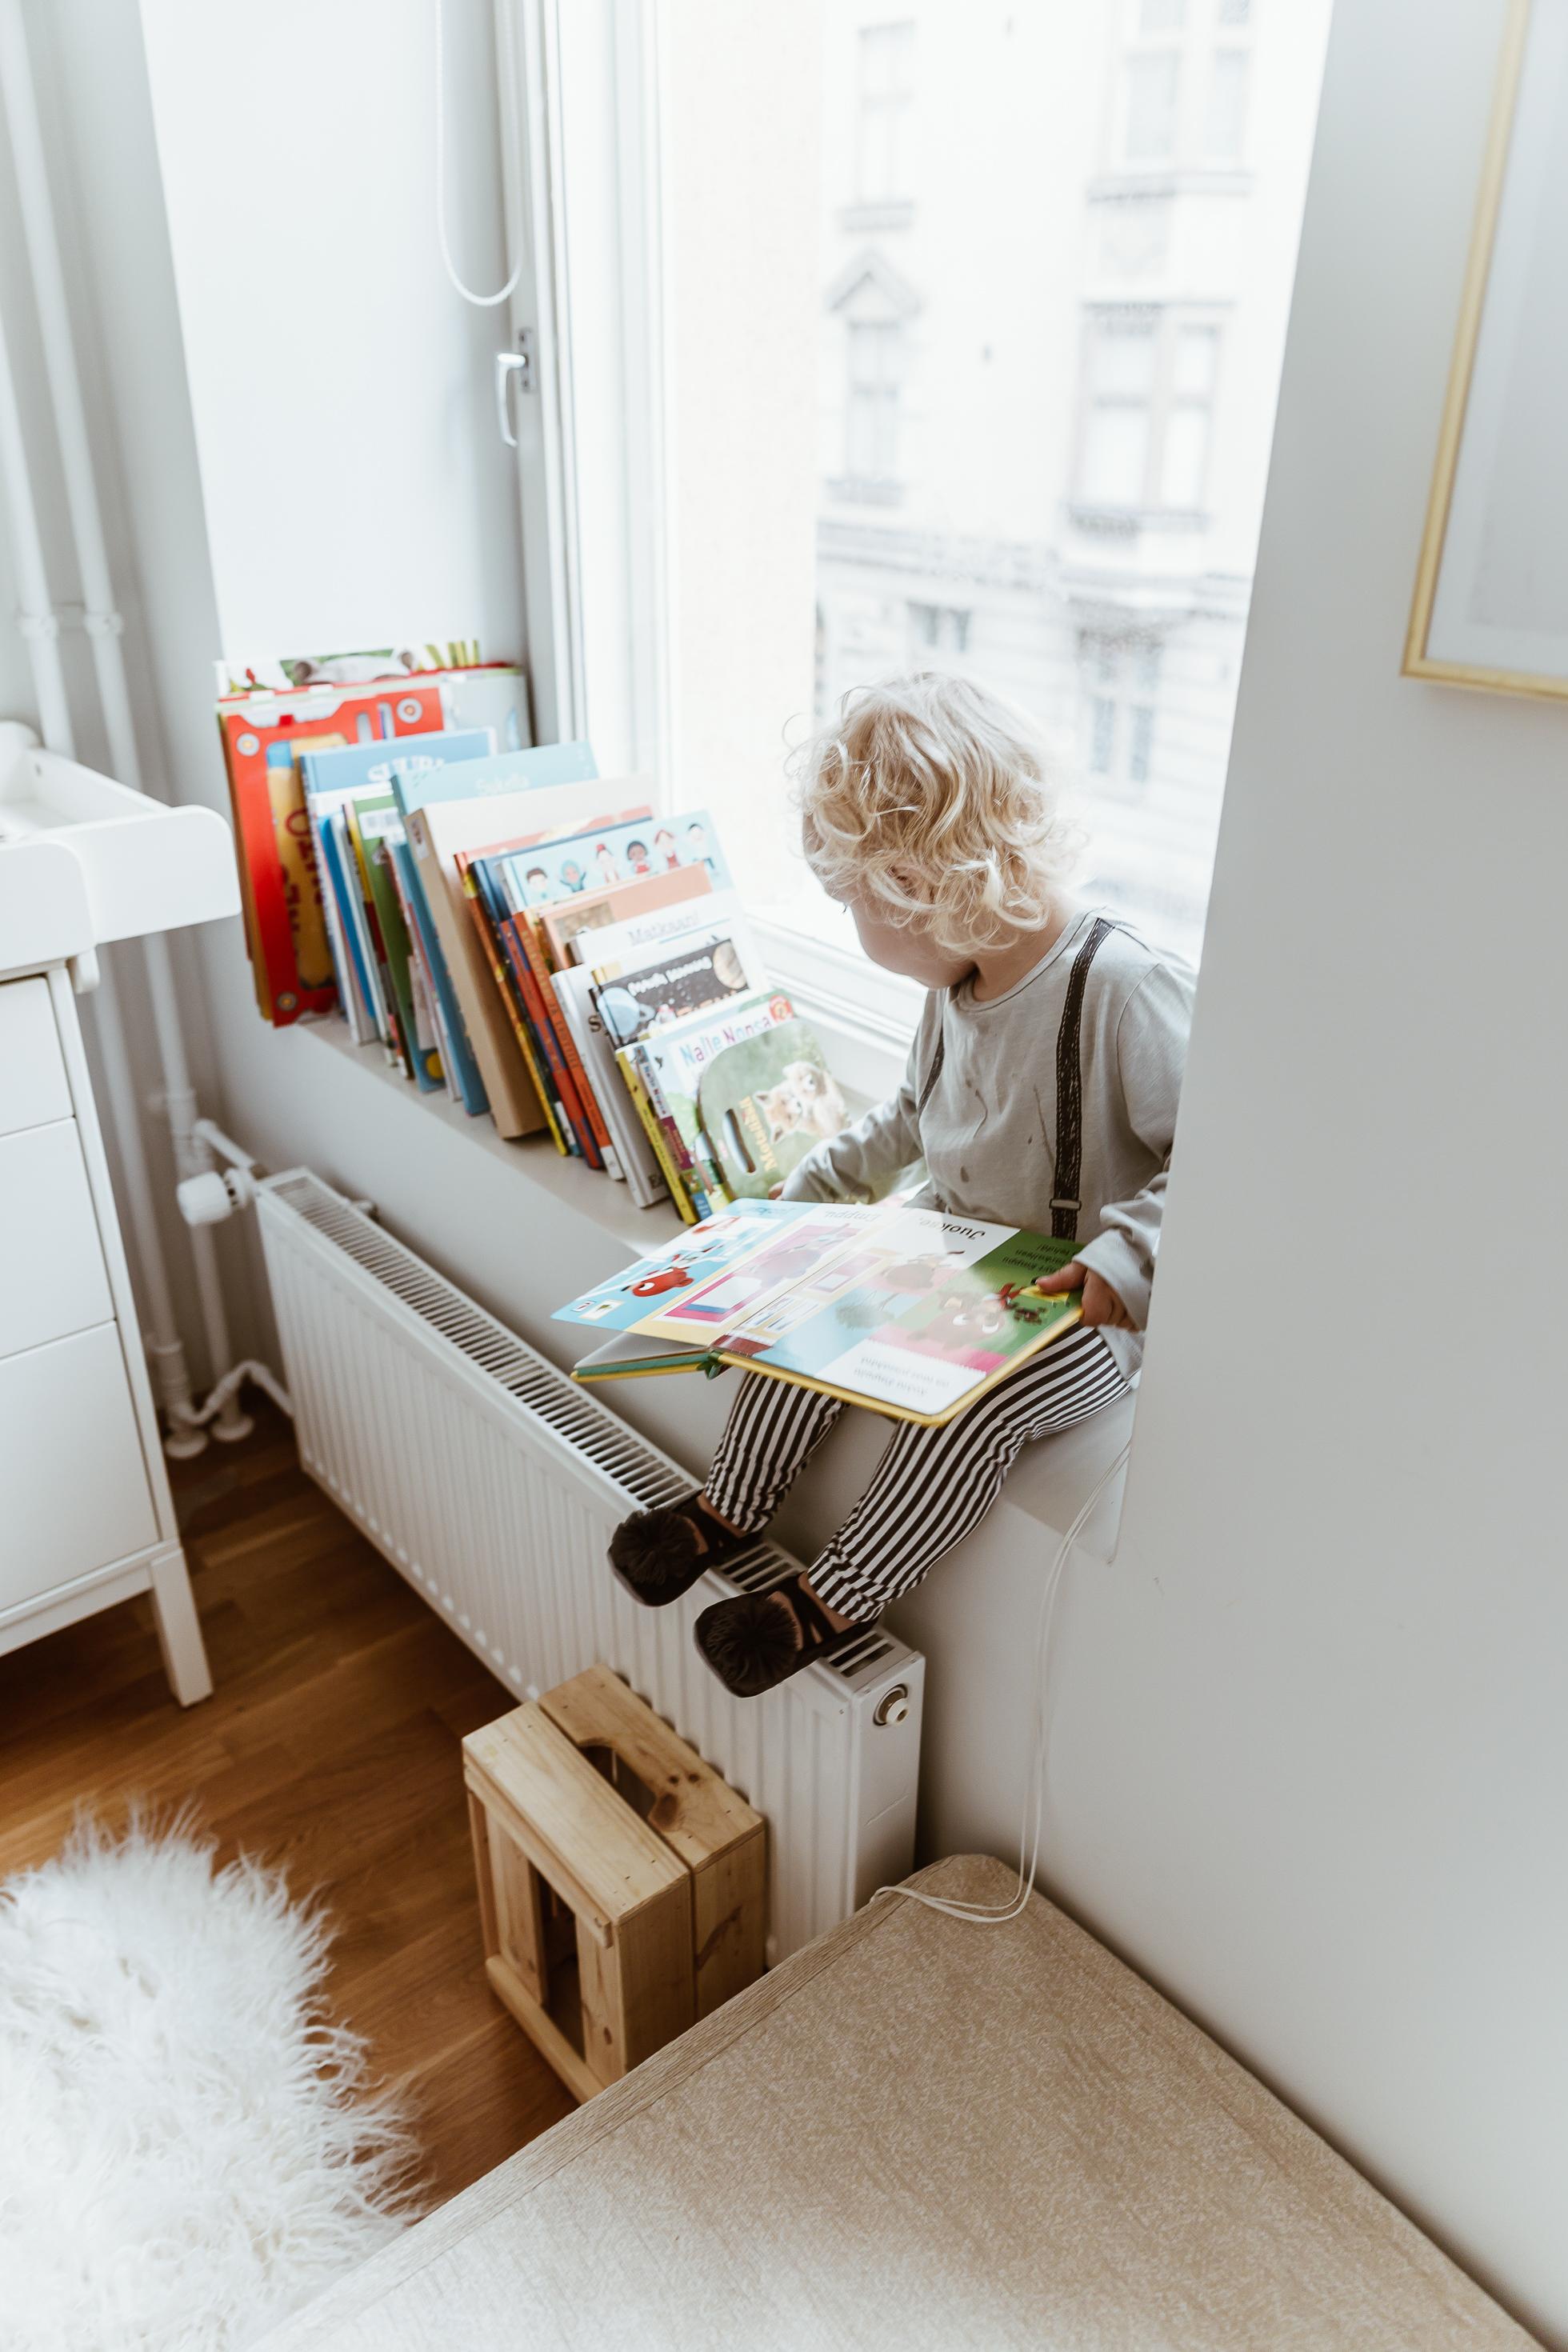 Kirjoista on aina iloa lapselle